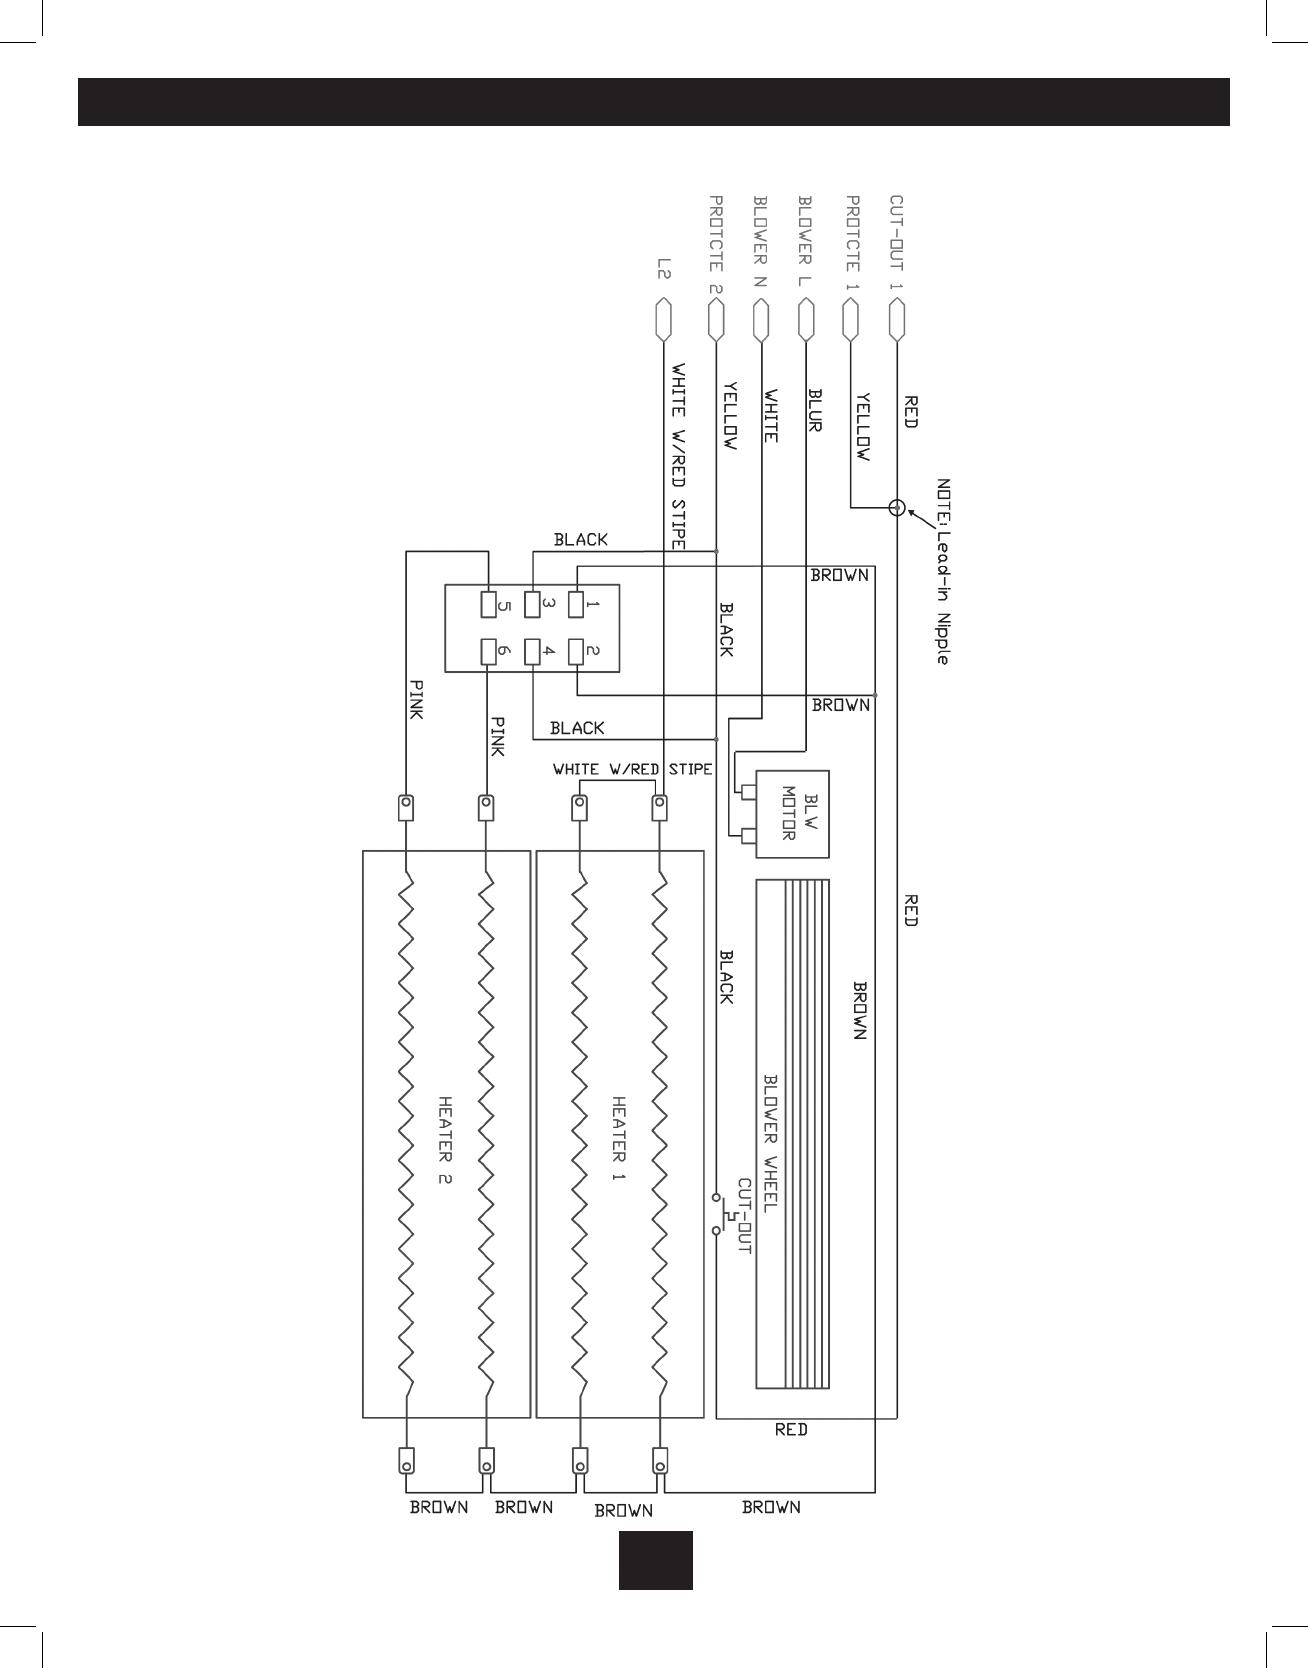 all star wiring diagram star grounding diagram wiring Star Sv32j Basic Wiring Schematics Star Delta Starter Control Wiring